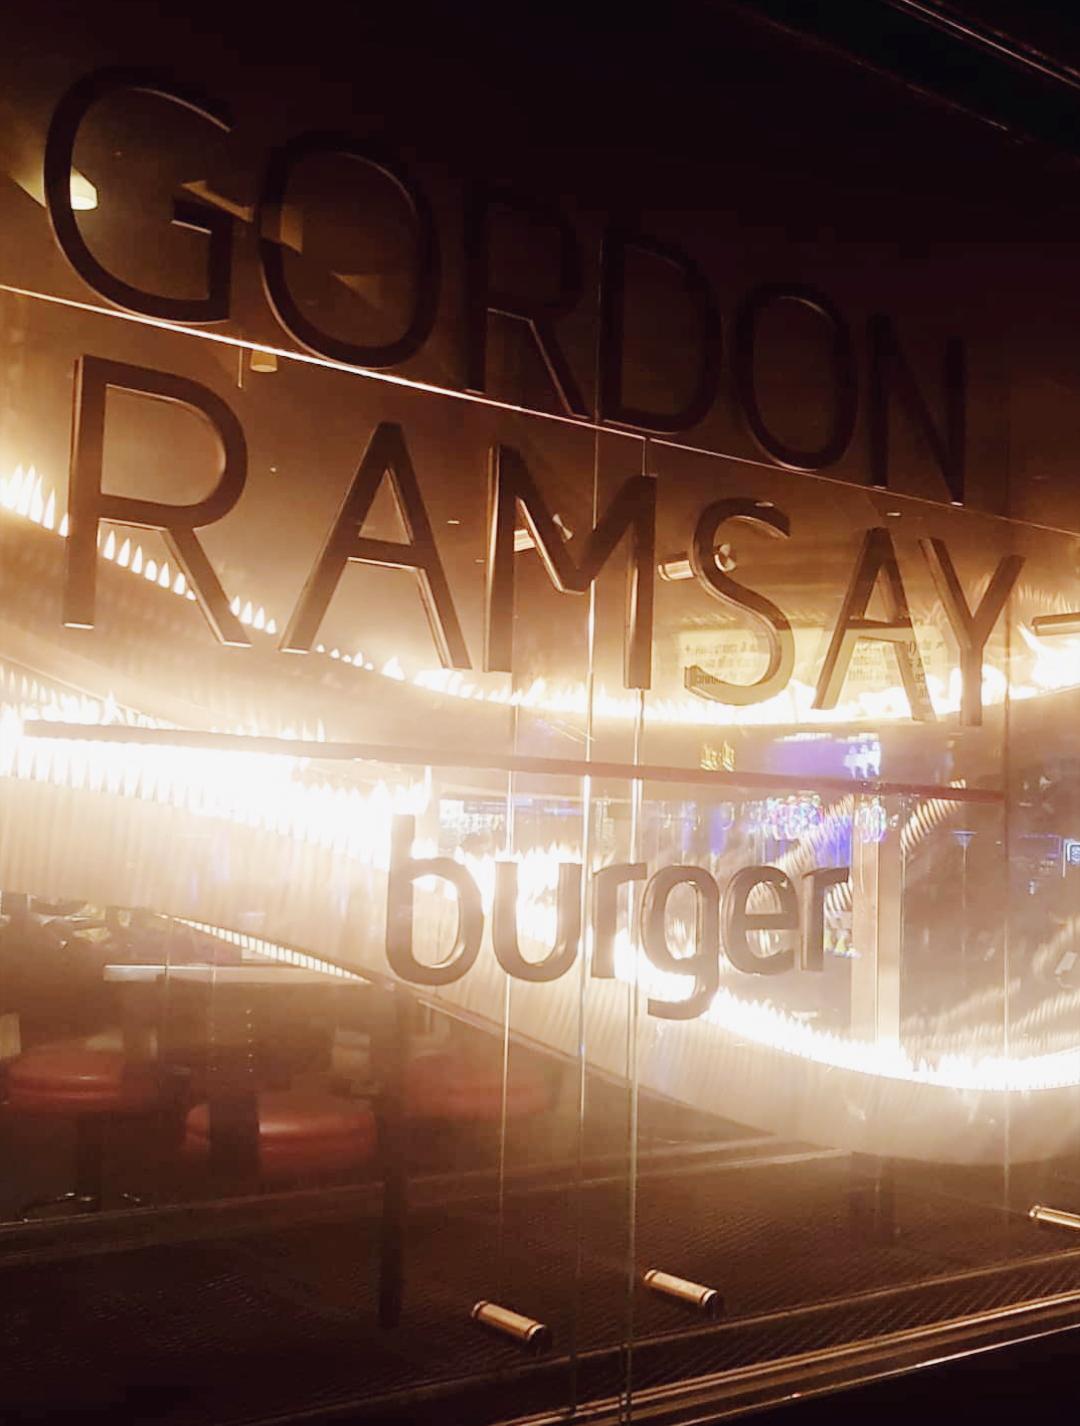 גורדון רמזי המבורגרים ביקורת המלצה מסעדה מסעדות